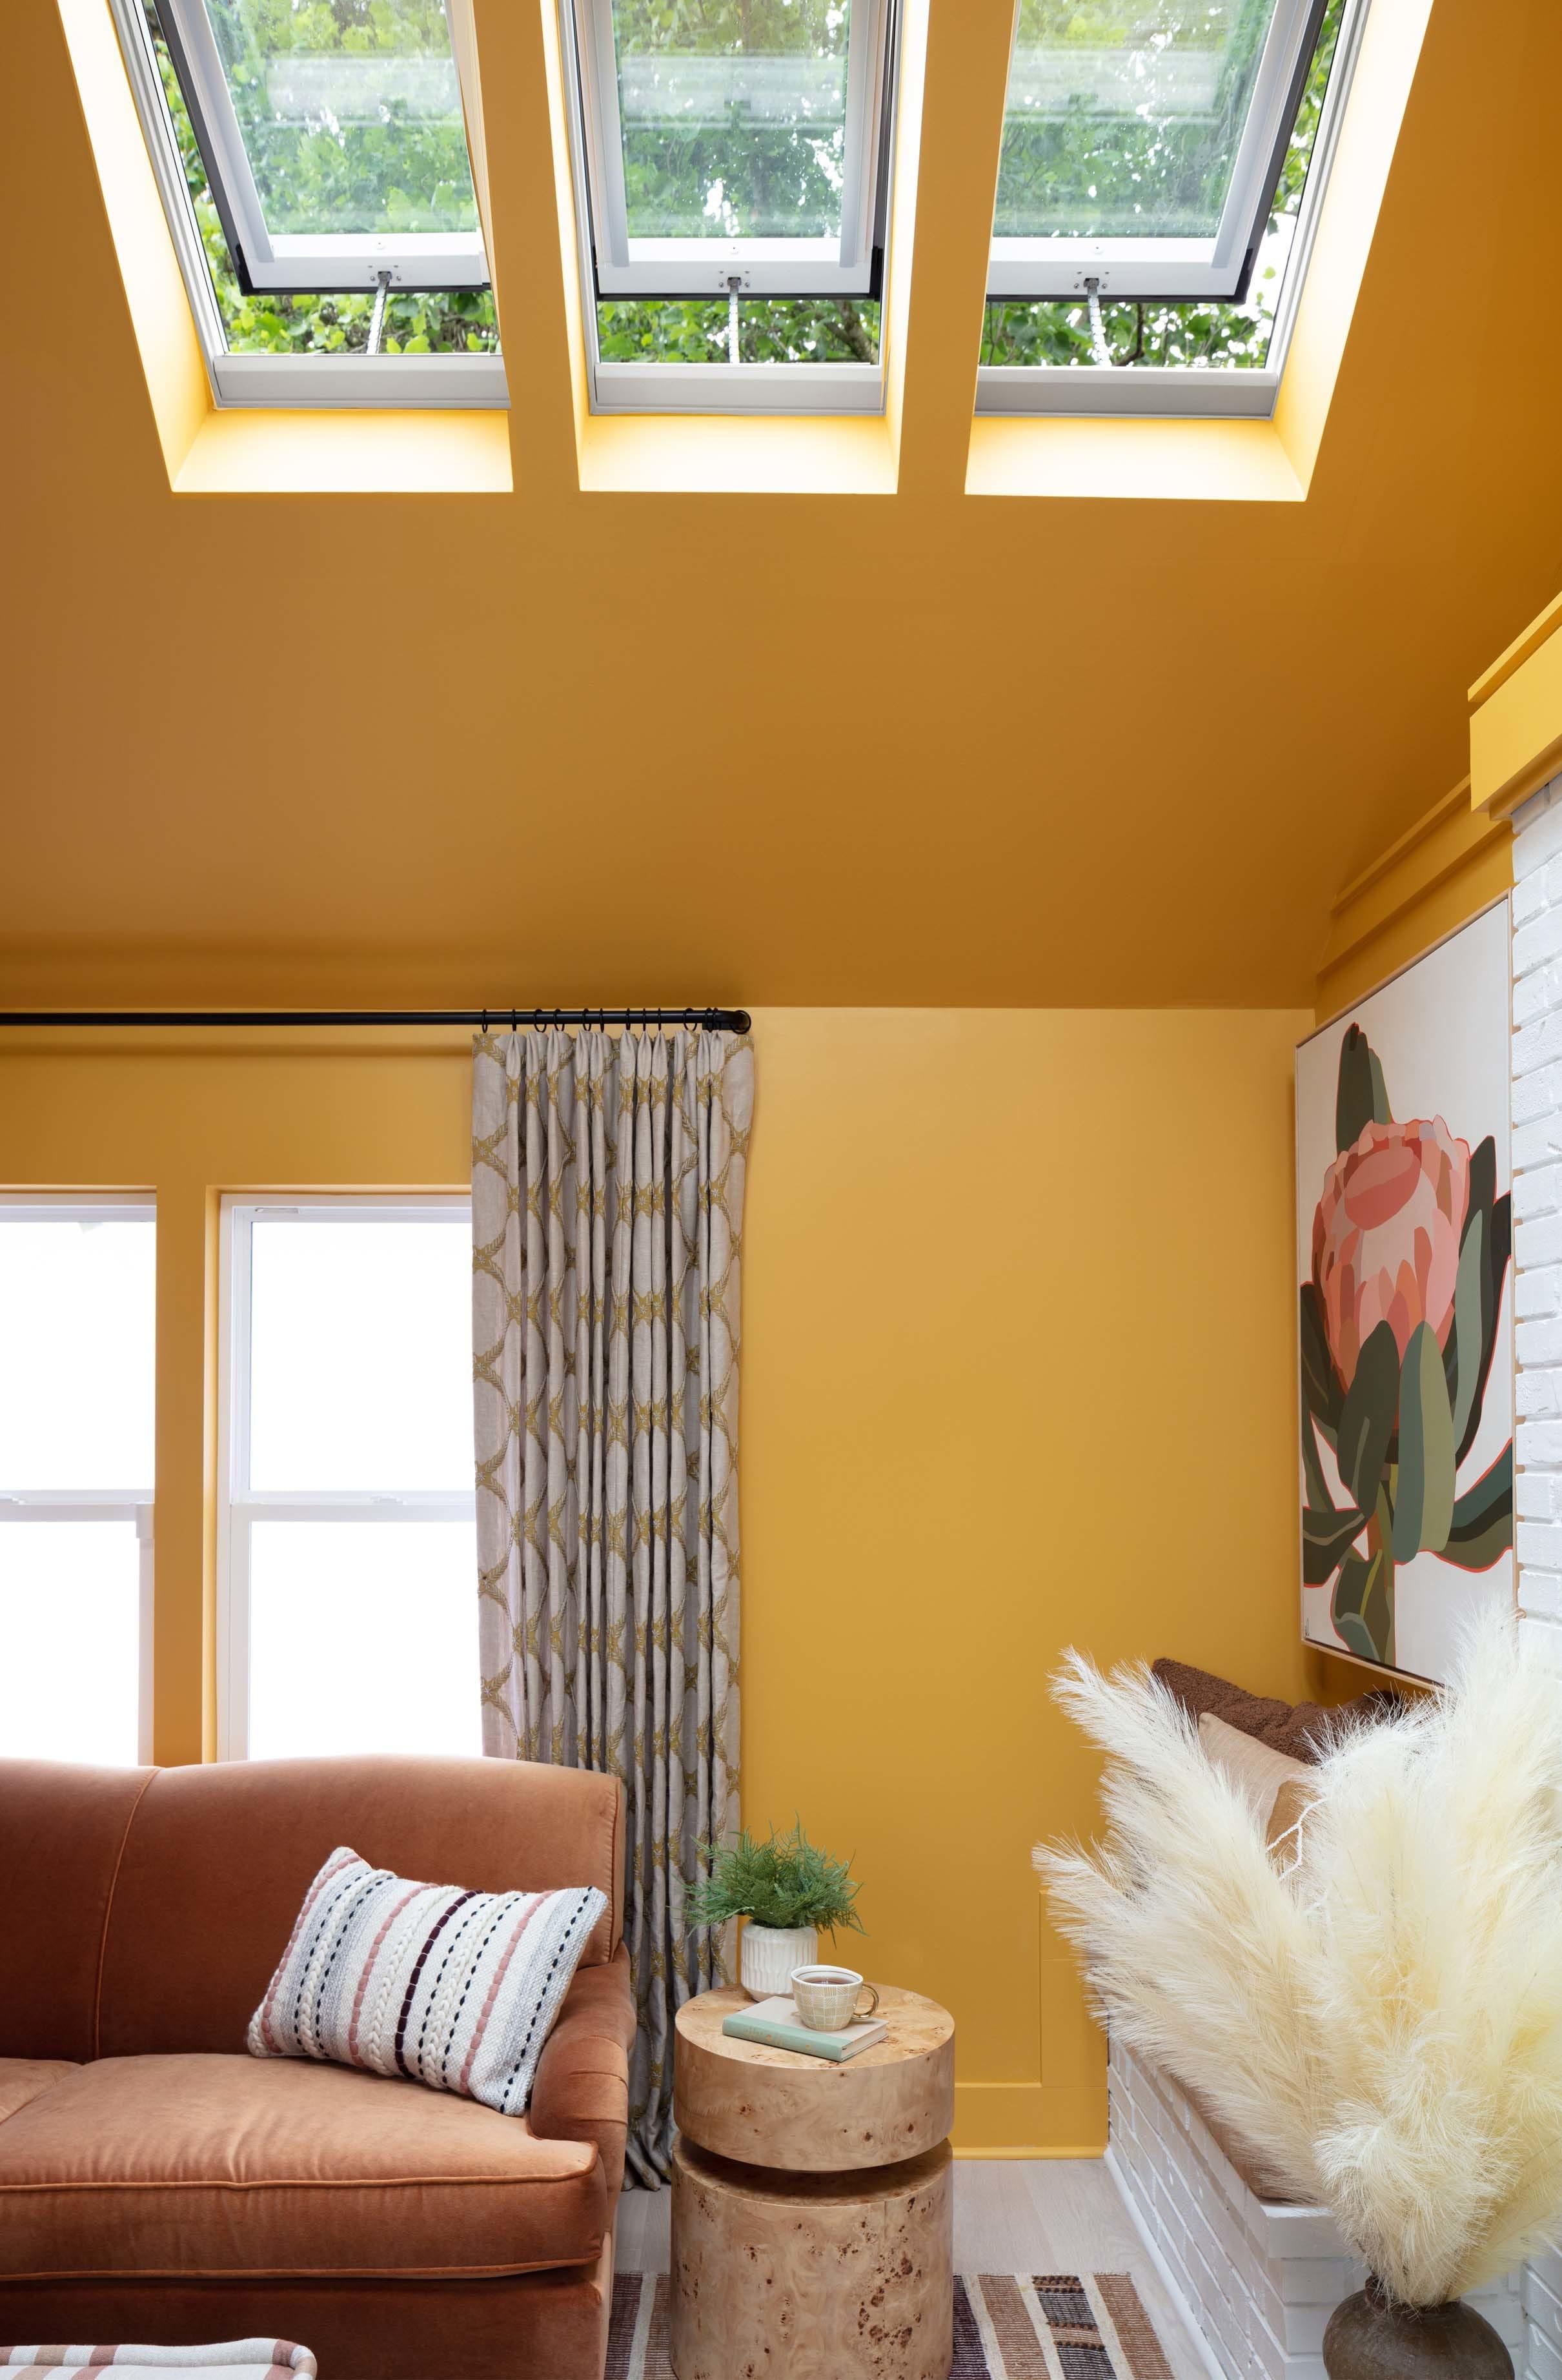 Living room skylight botanical art